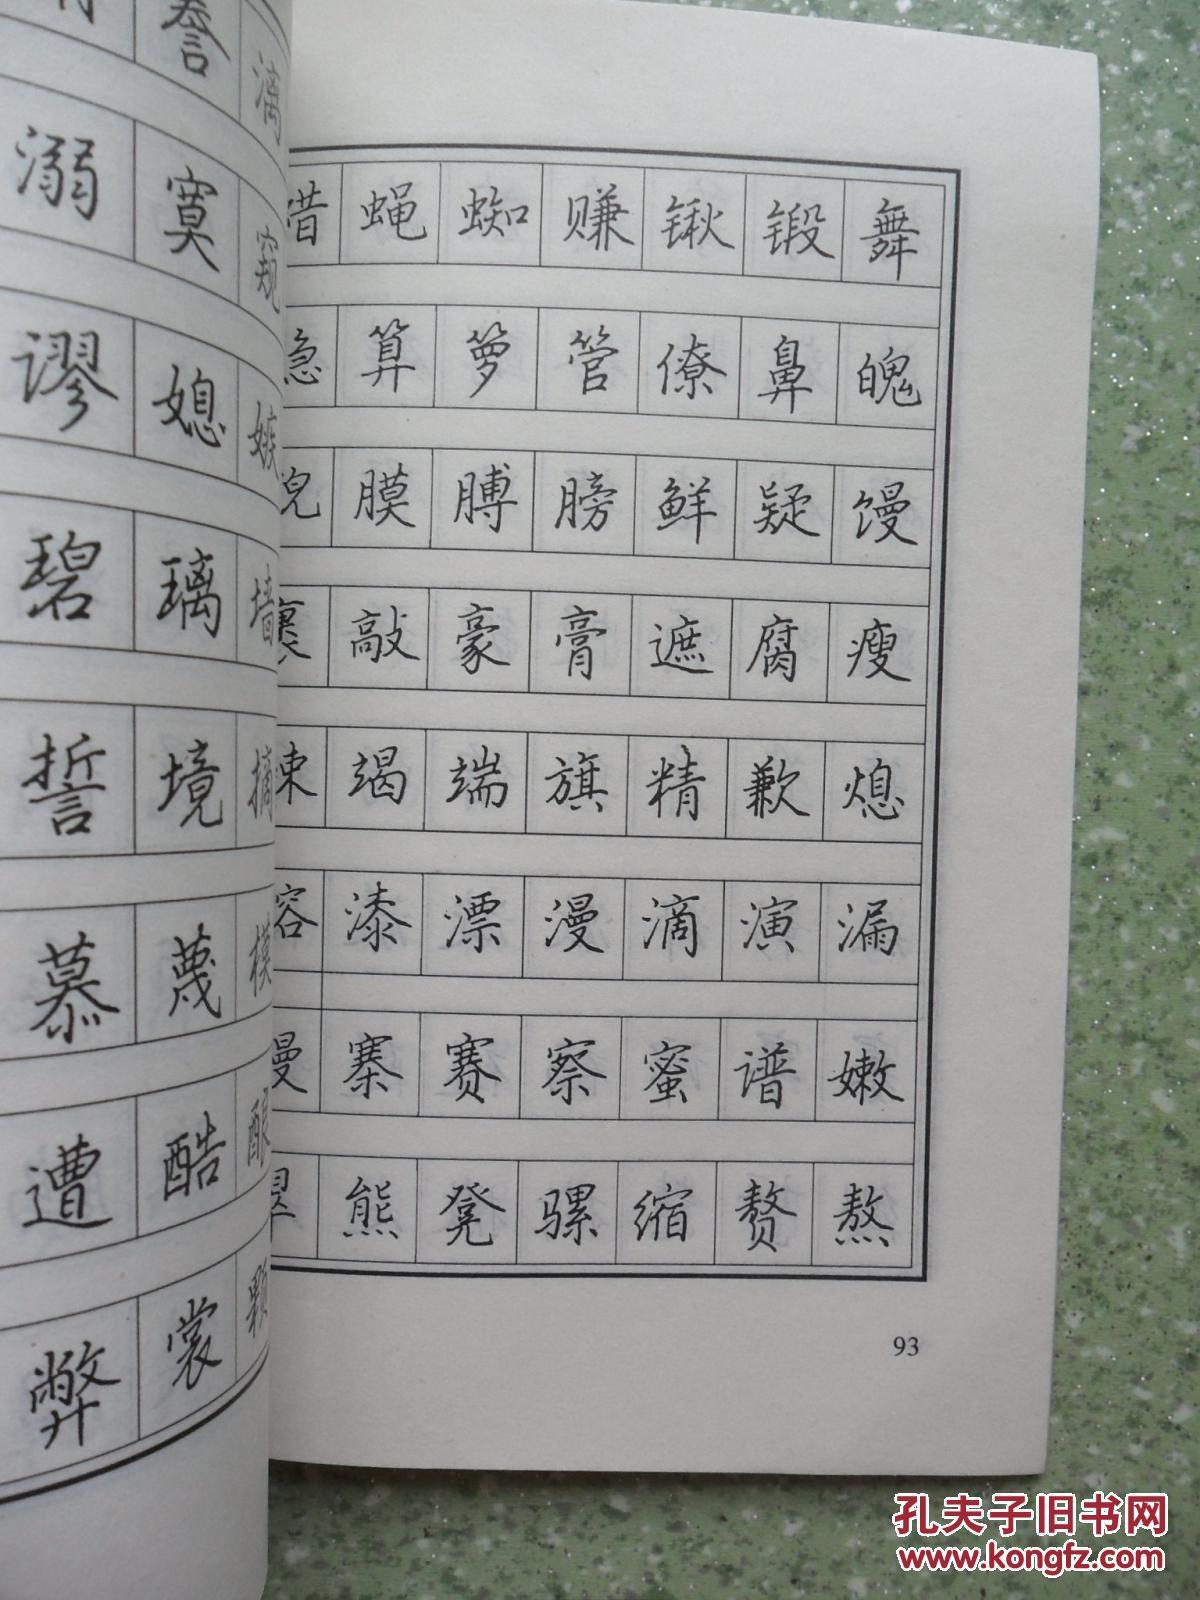 3500常用汉字硬笔行书字帖图片